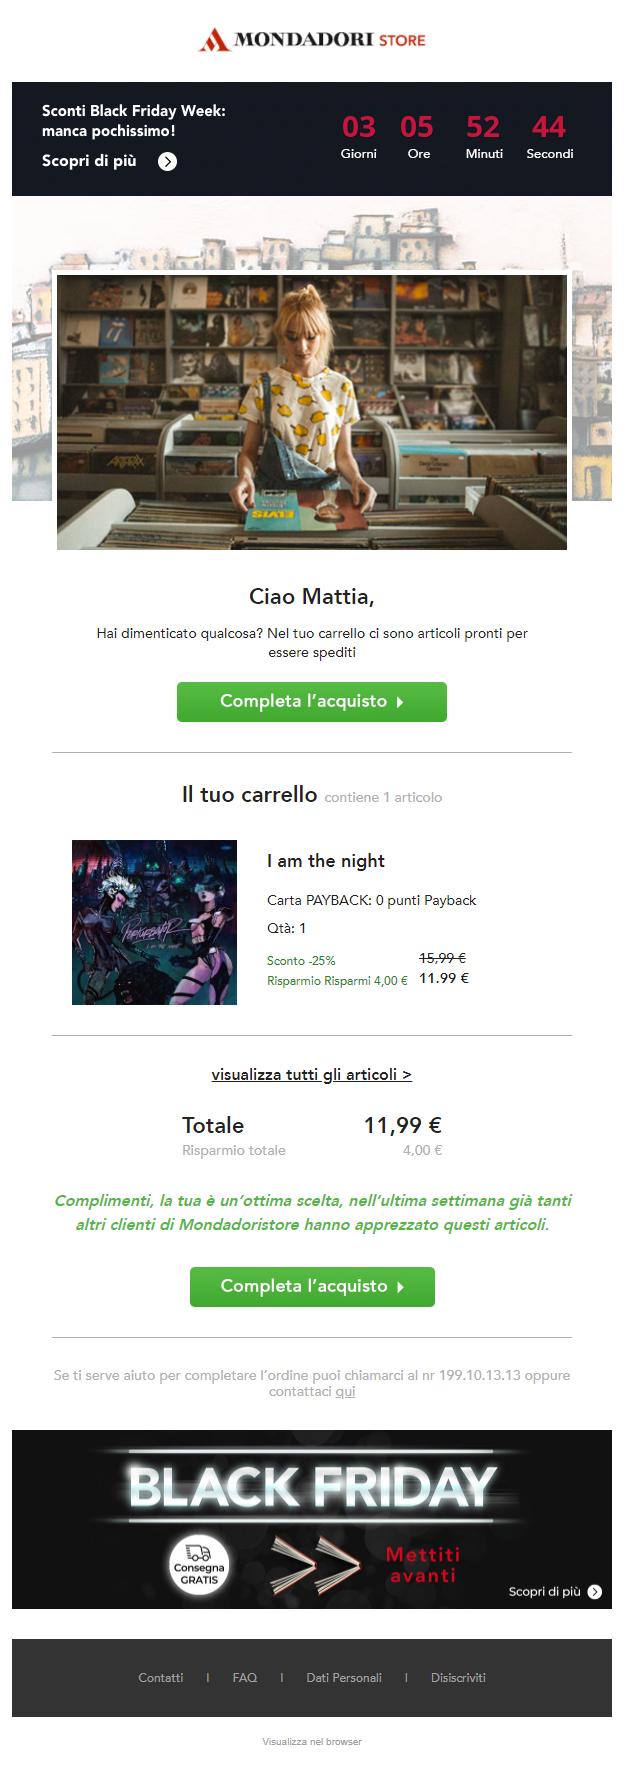 SaleCycle per Mondadori Store. Black Friday 2020: timer per il conto alla rovescia tramite email.